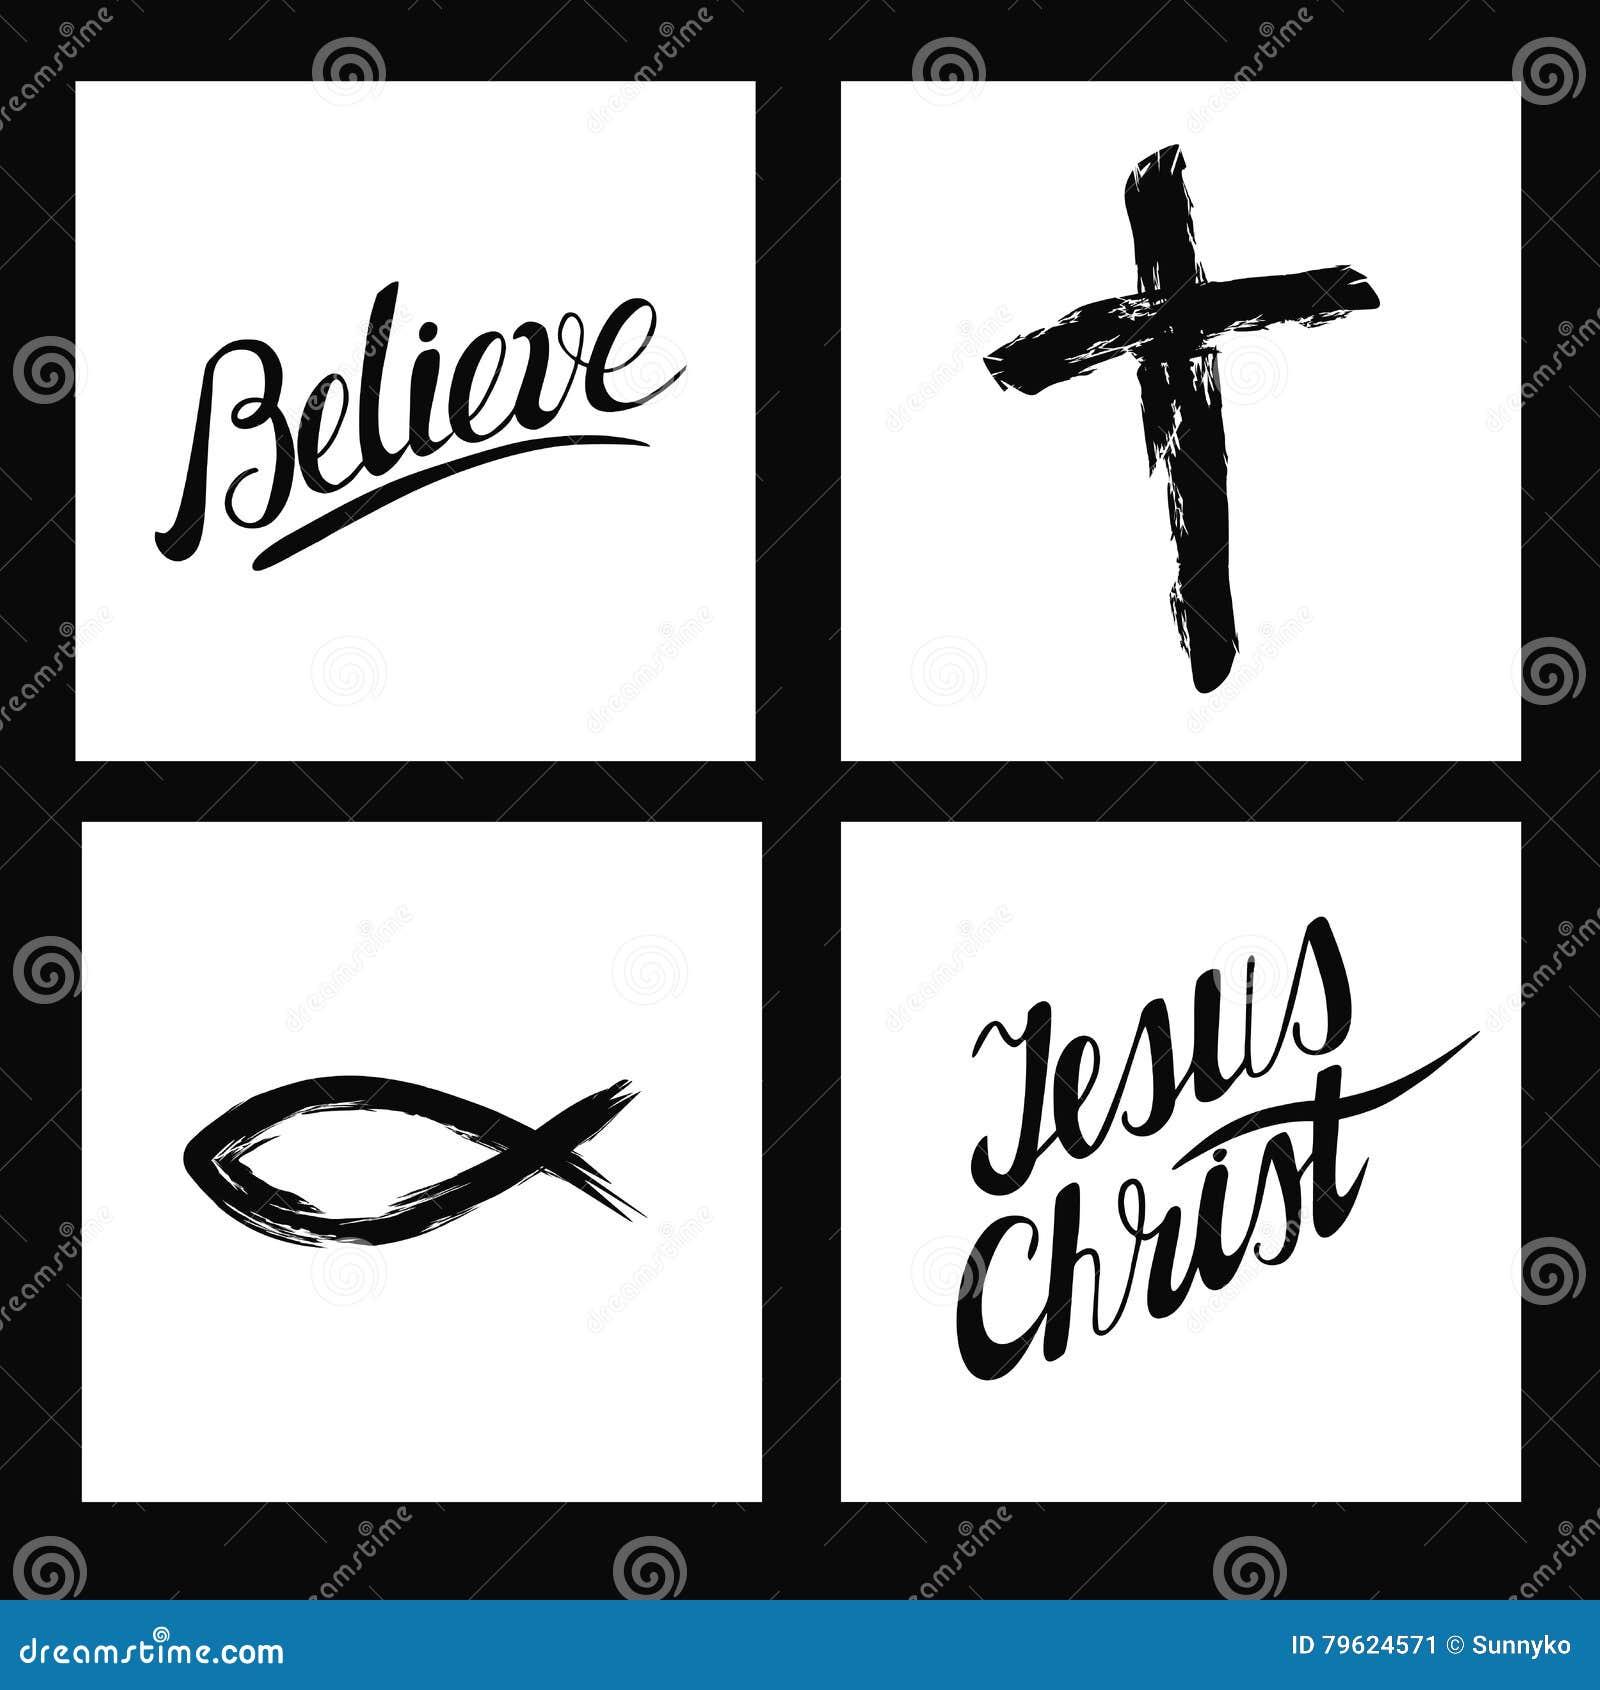 Símbolos cristãos Cruz feito à mão, acredite, Jesus Christ